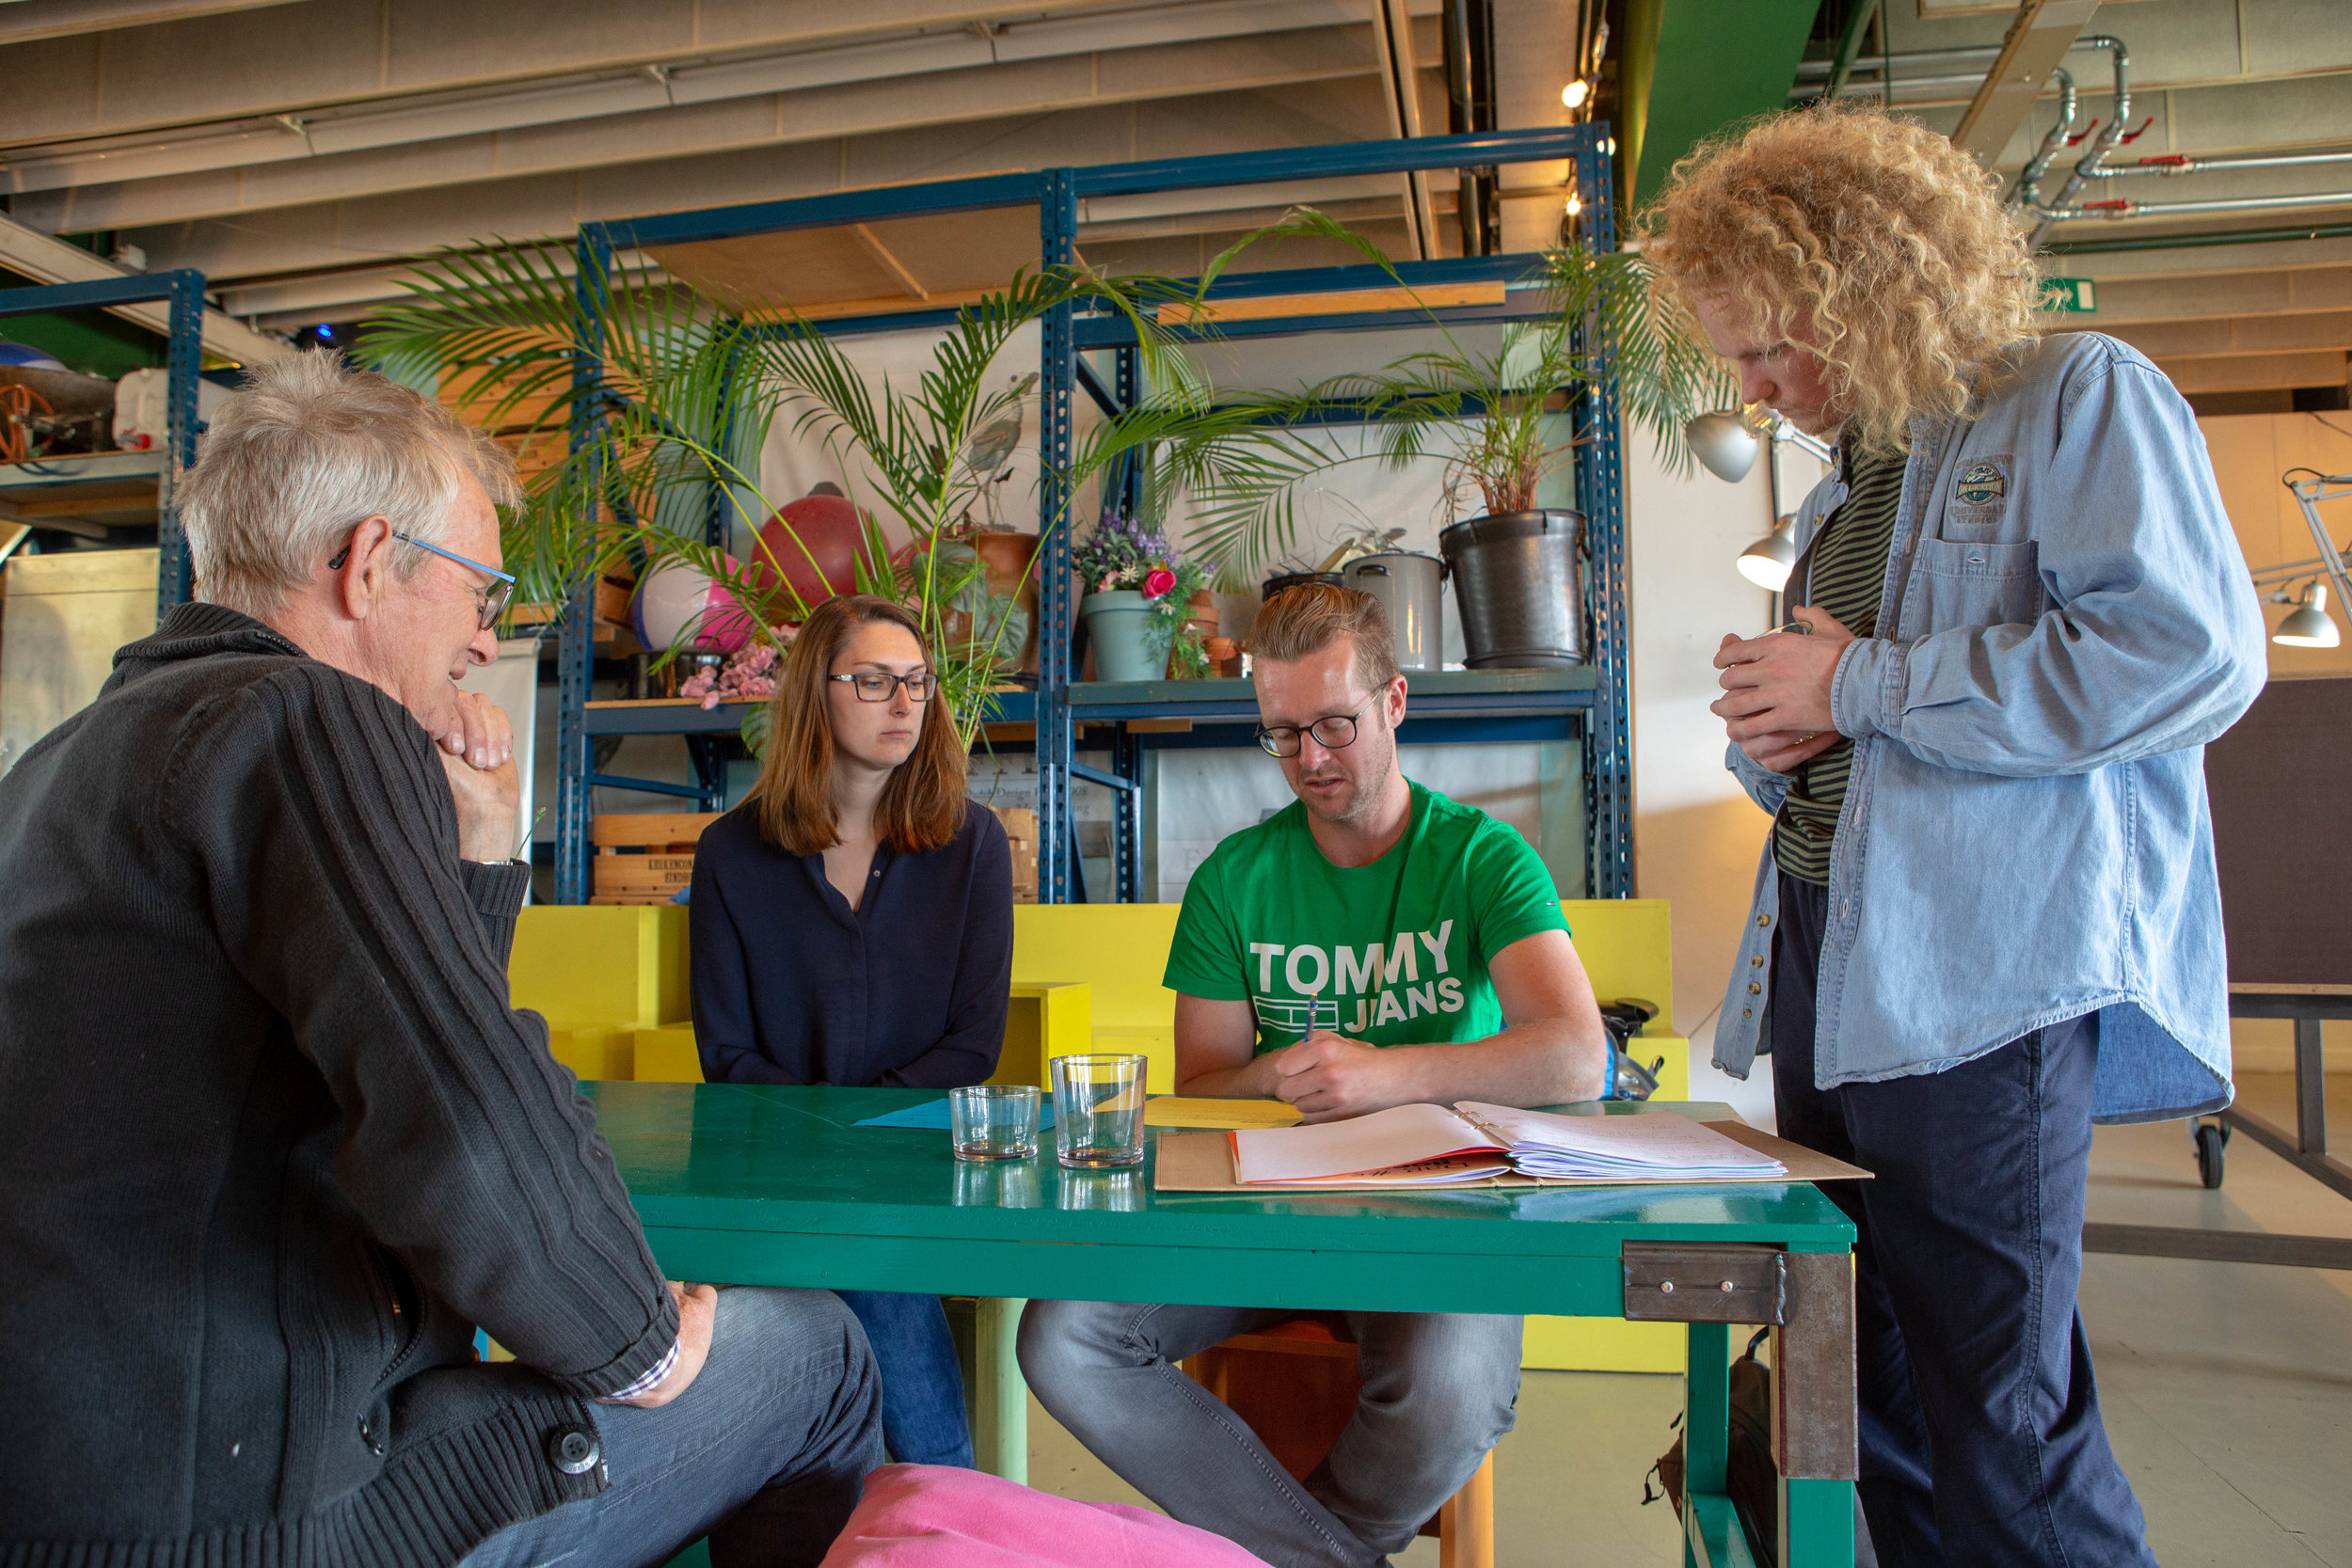 Sander Veldhorst met zijn vriendin en vader.